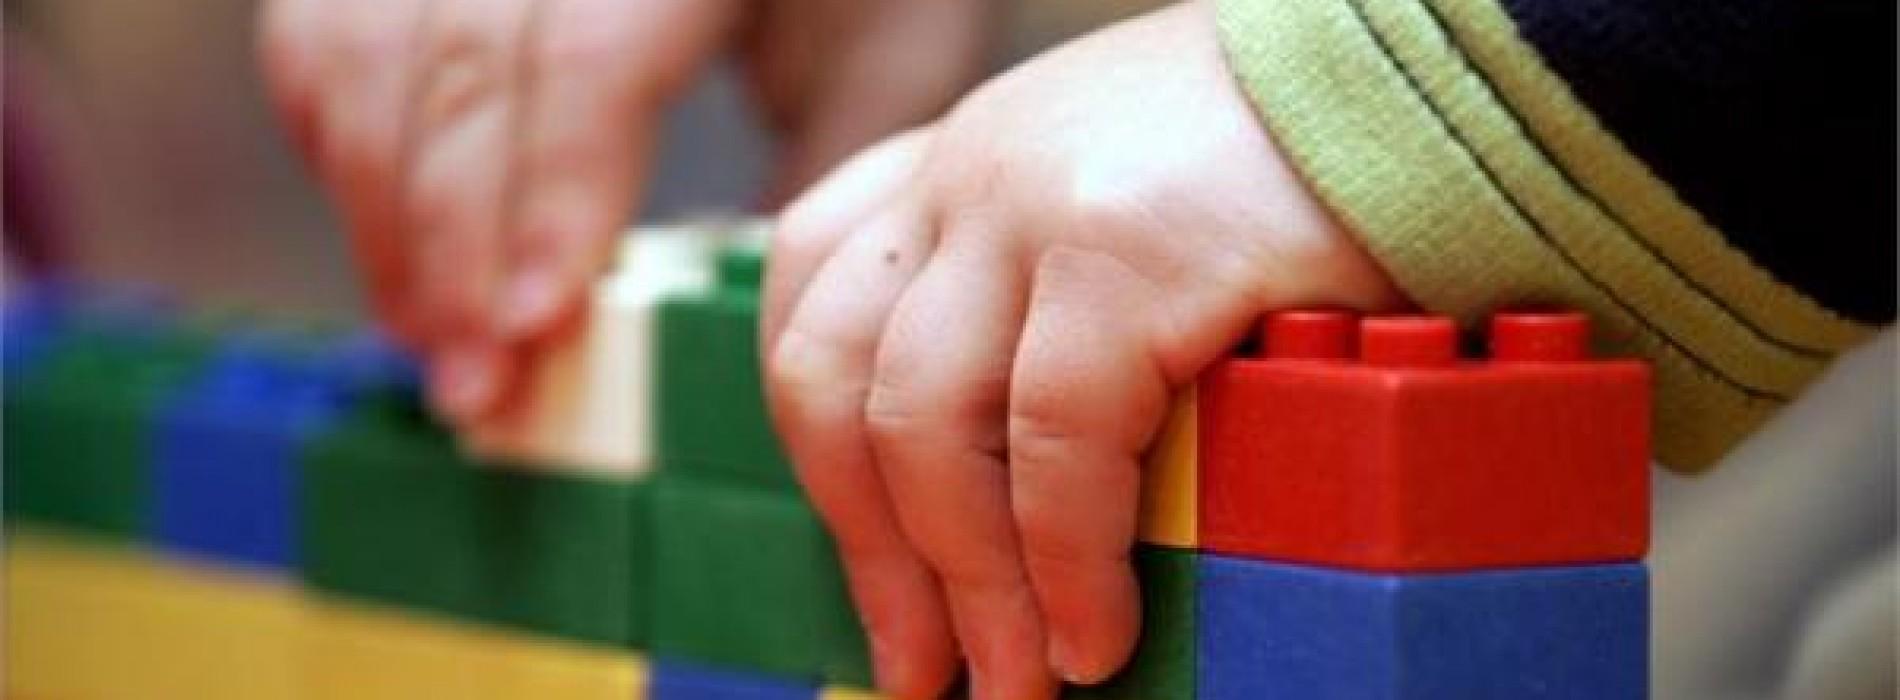 7 tips om je kind zelfvertrouwen te geven